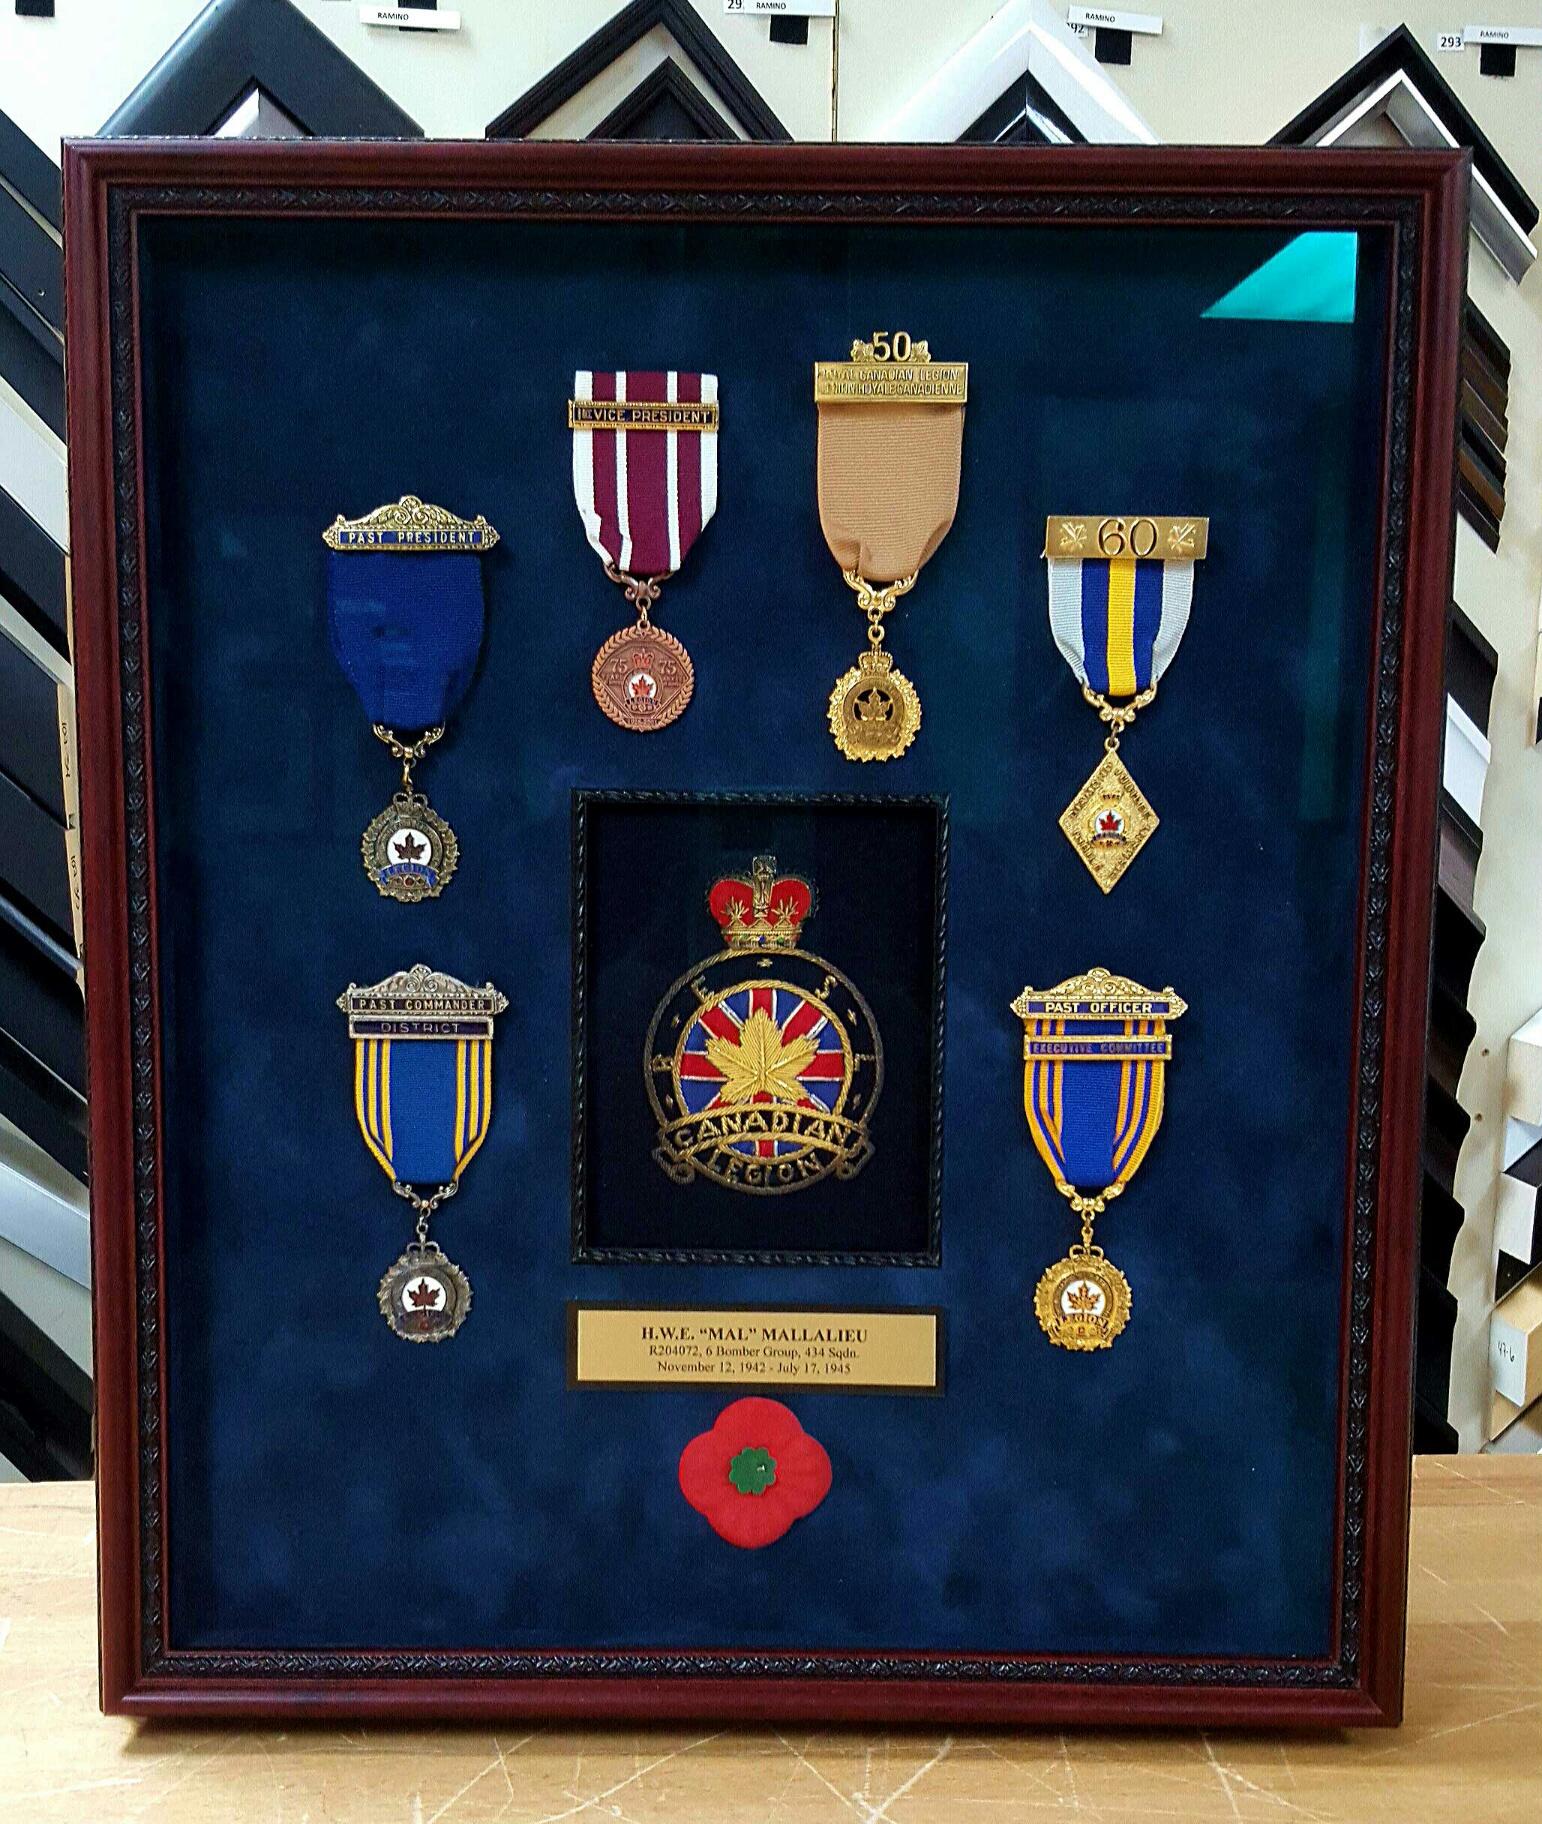 https://0901.nccdn.net/4_2/000/000/038/2d3/mallalieu-medals-1542x1824.jpg